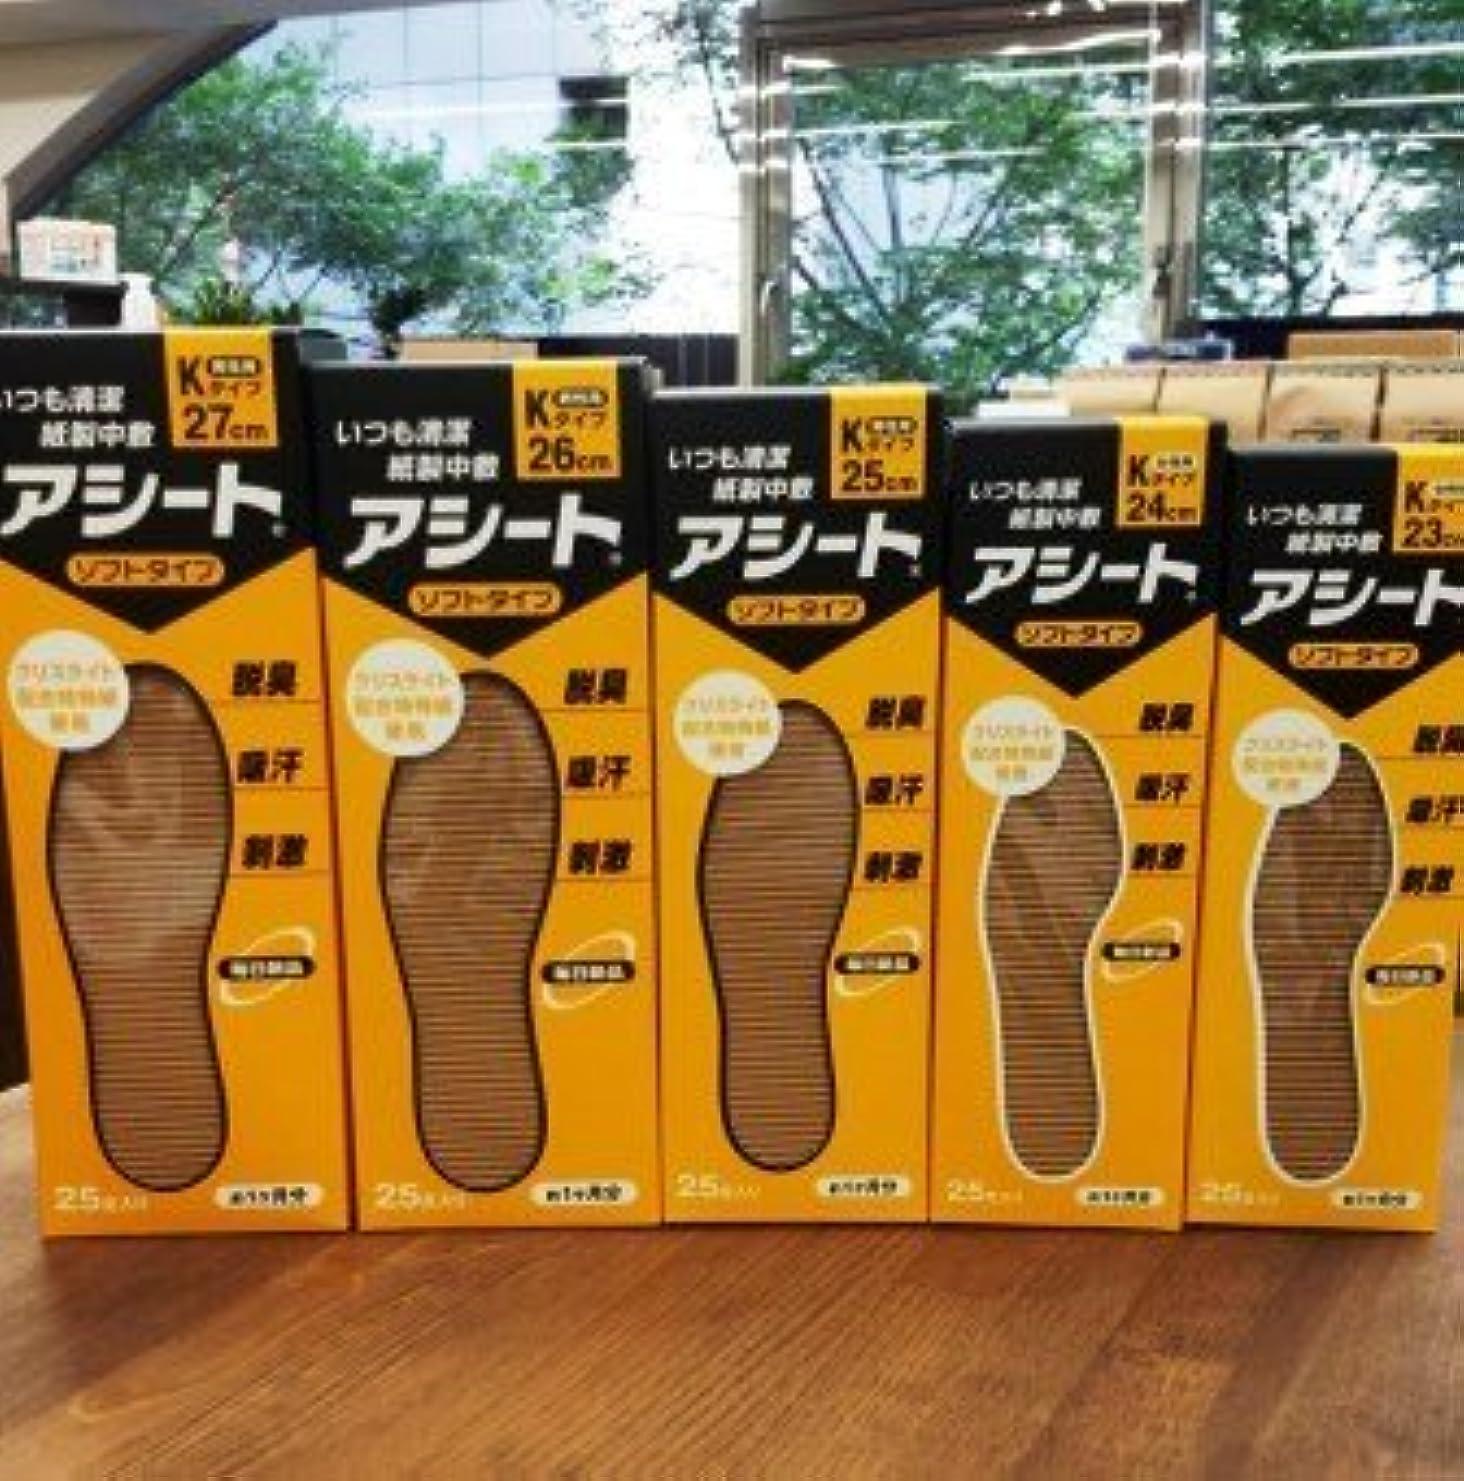 晩餐苦虫アシートK(サイズ24cm)×3箱セット(8足増量中)